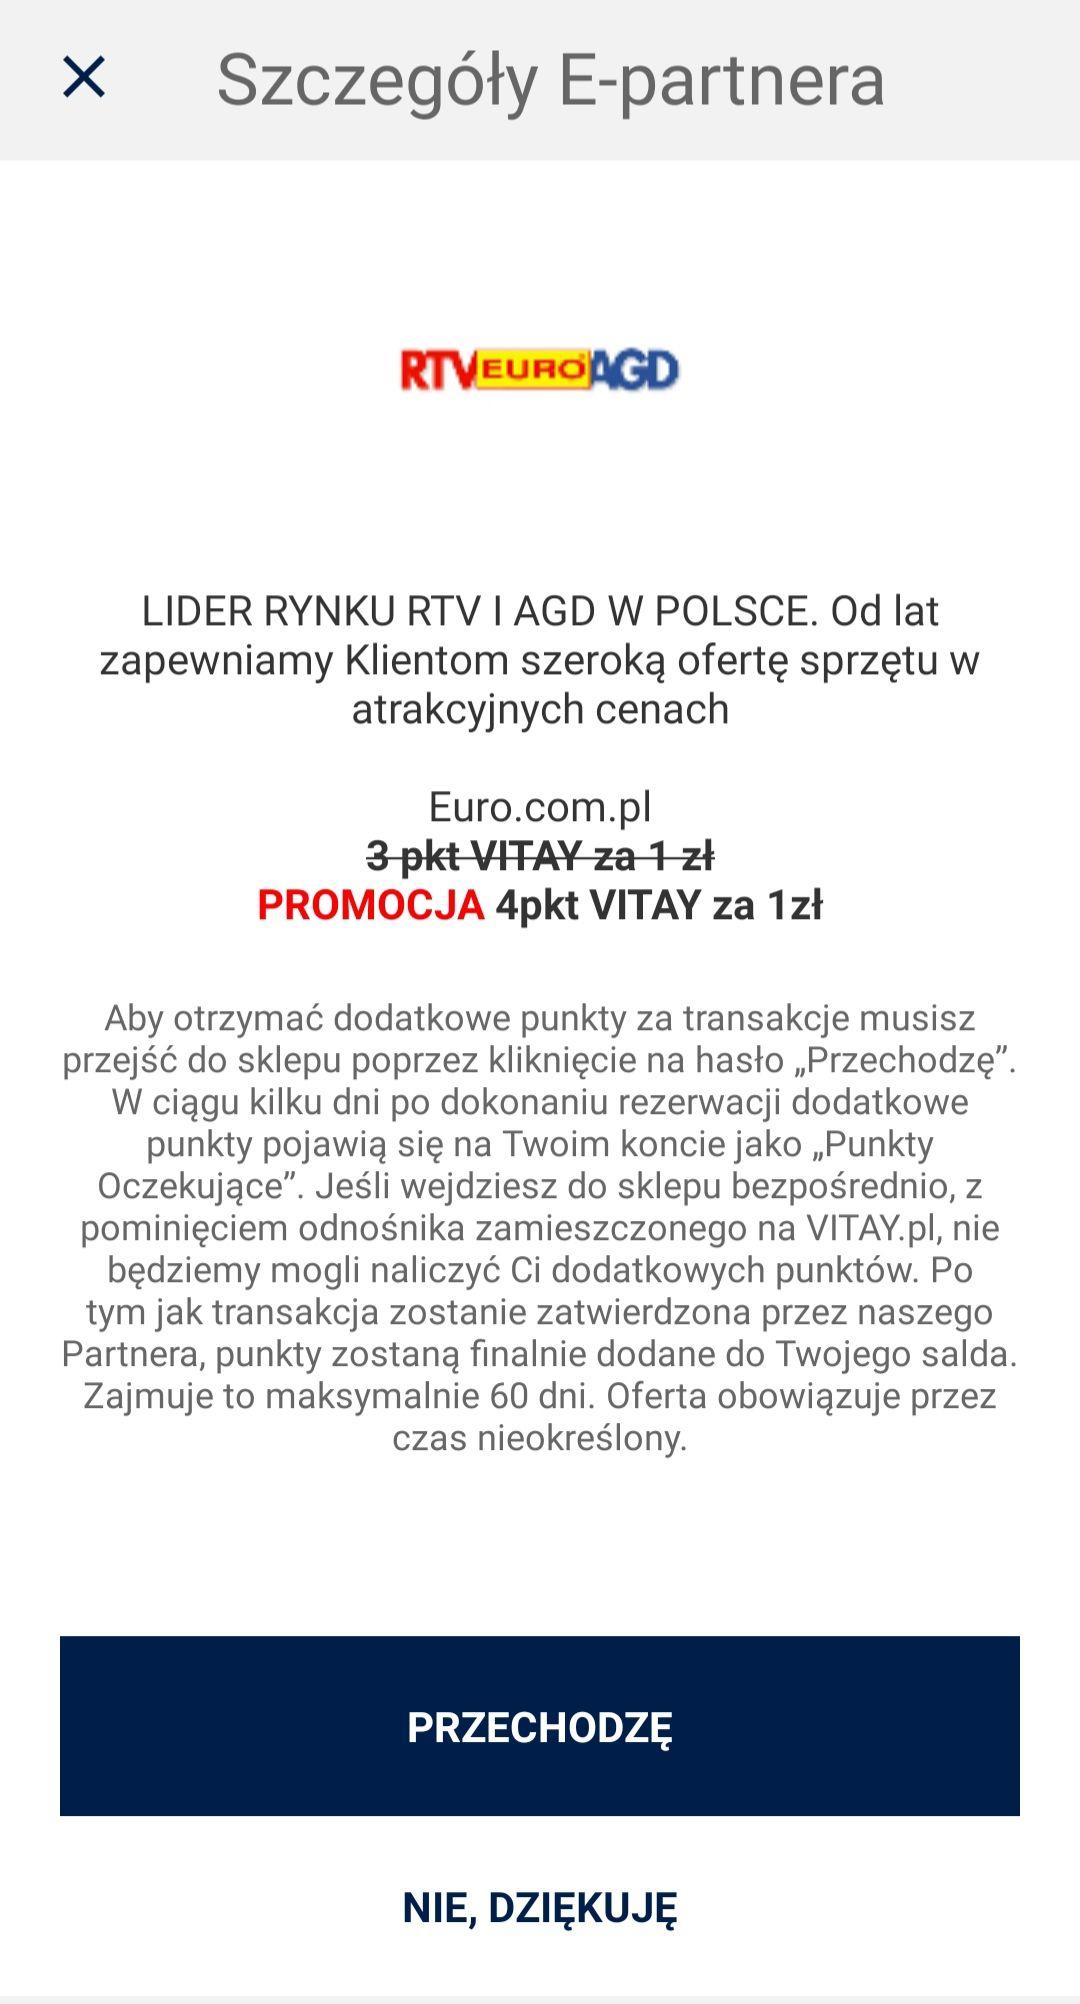 4 pkt vitay za 1 zł w Euro.com.pl Media Expert, Media Markt